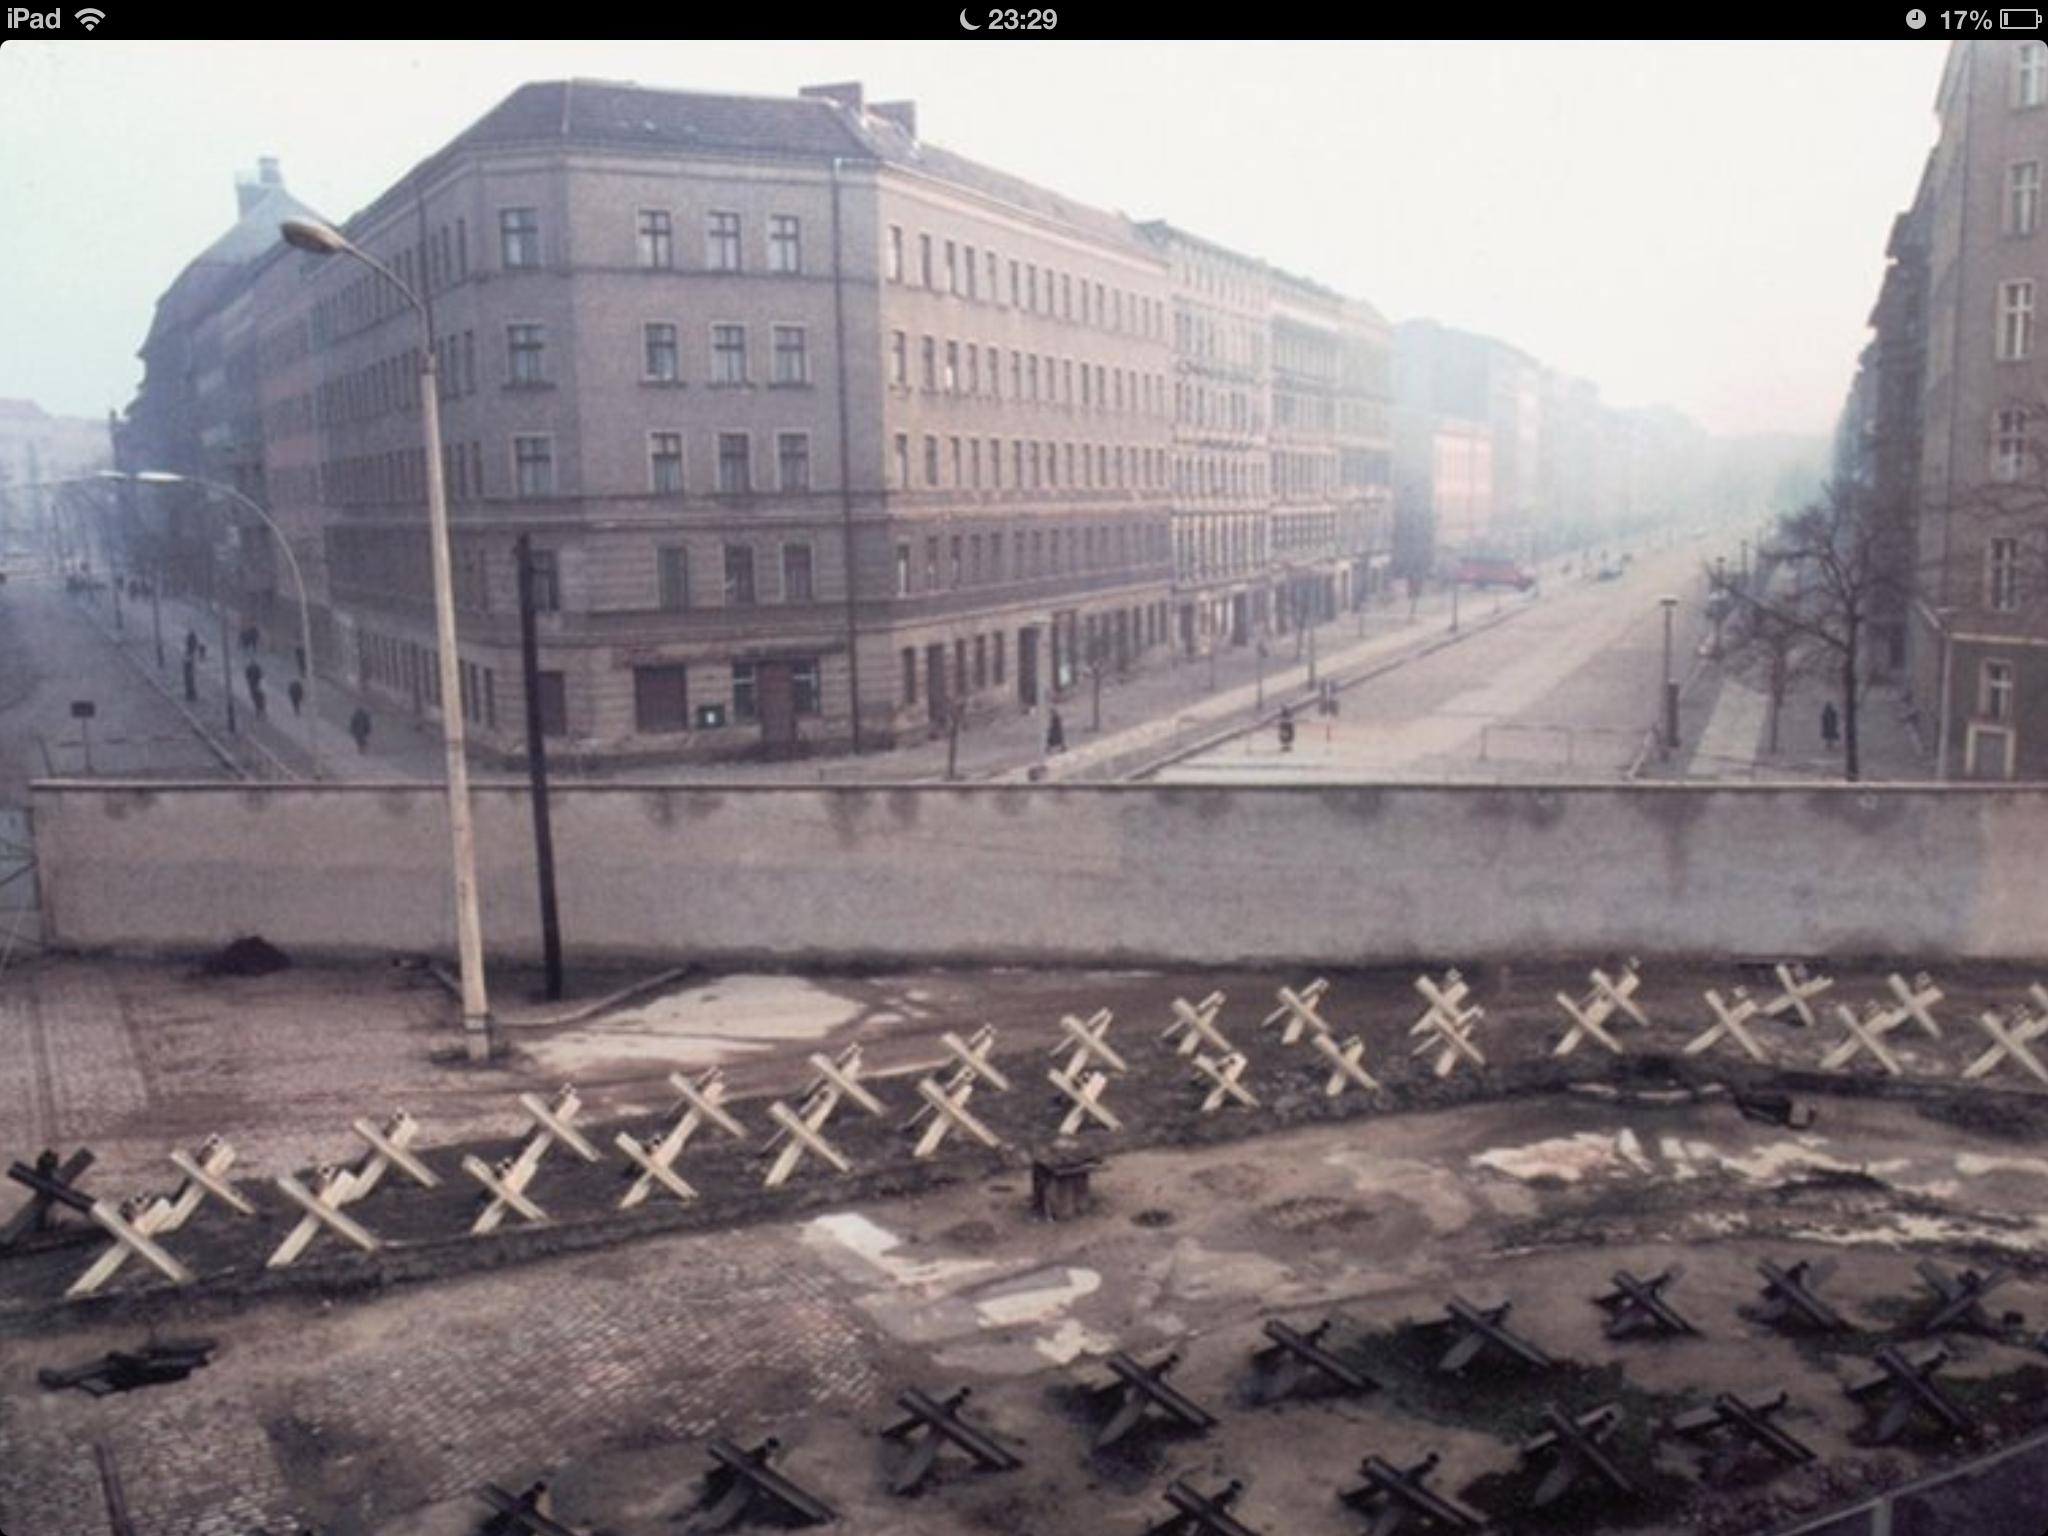 Ecke Bernauerstr Berlin Wall Berlin West Berlin